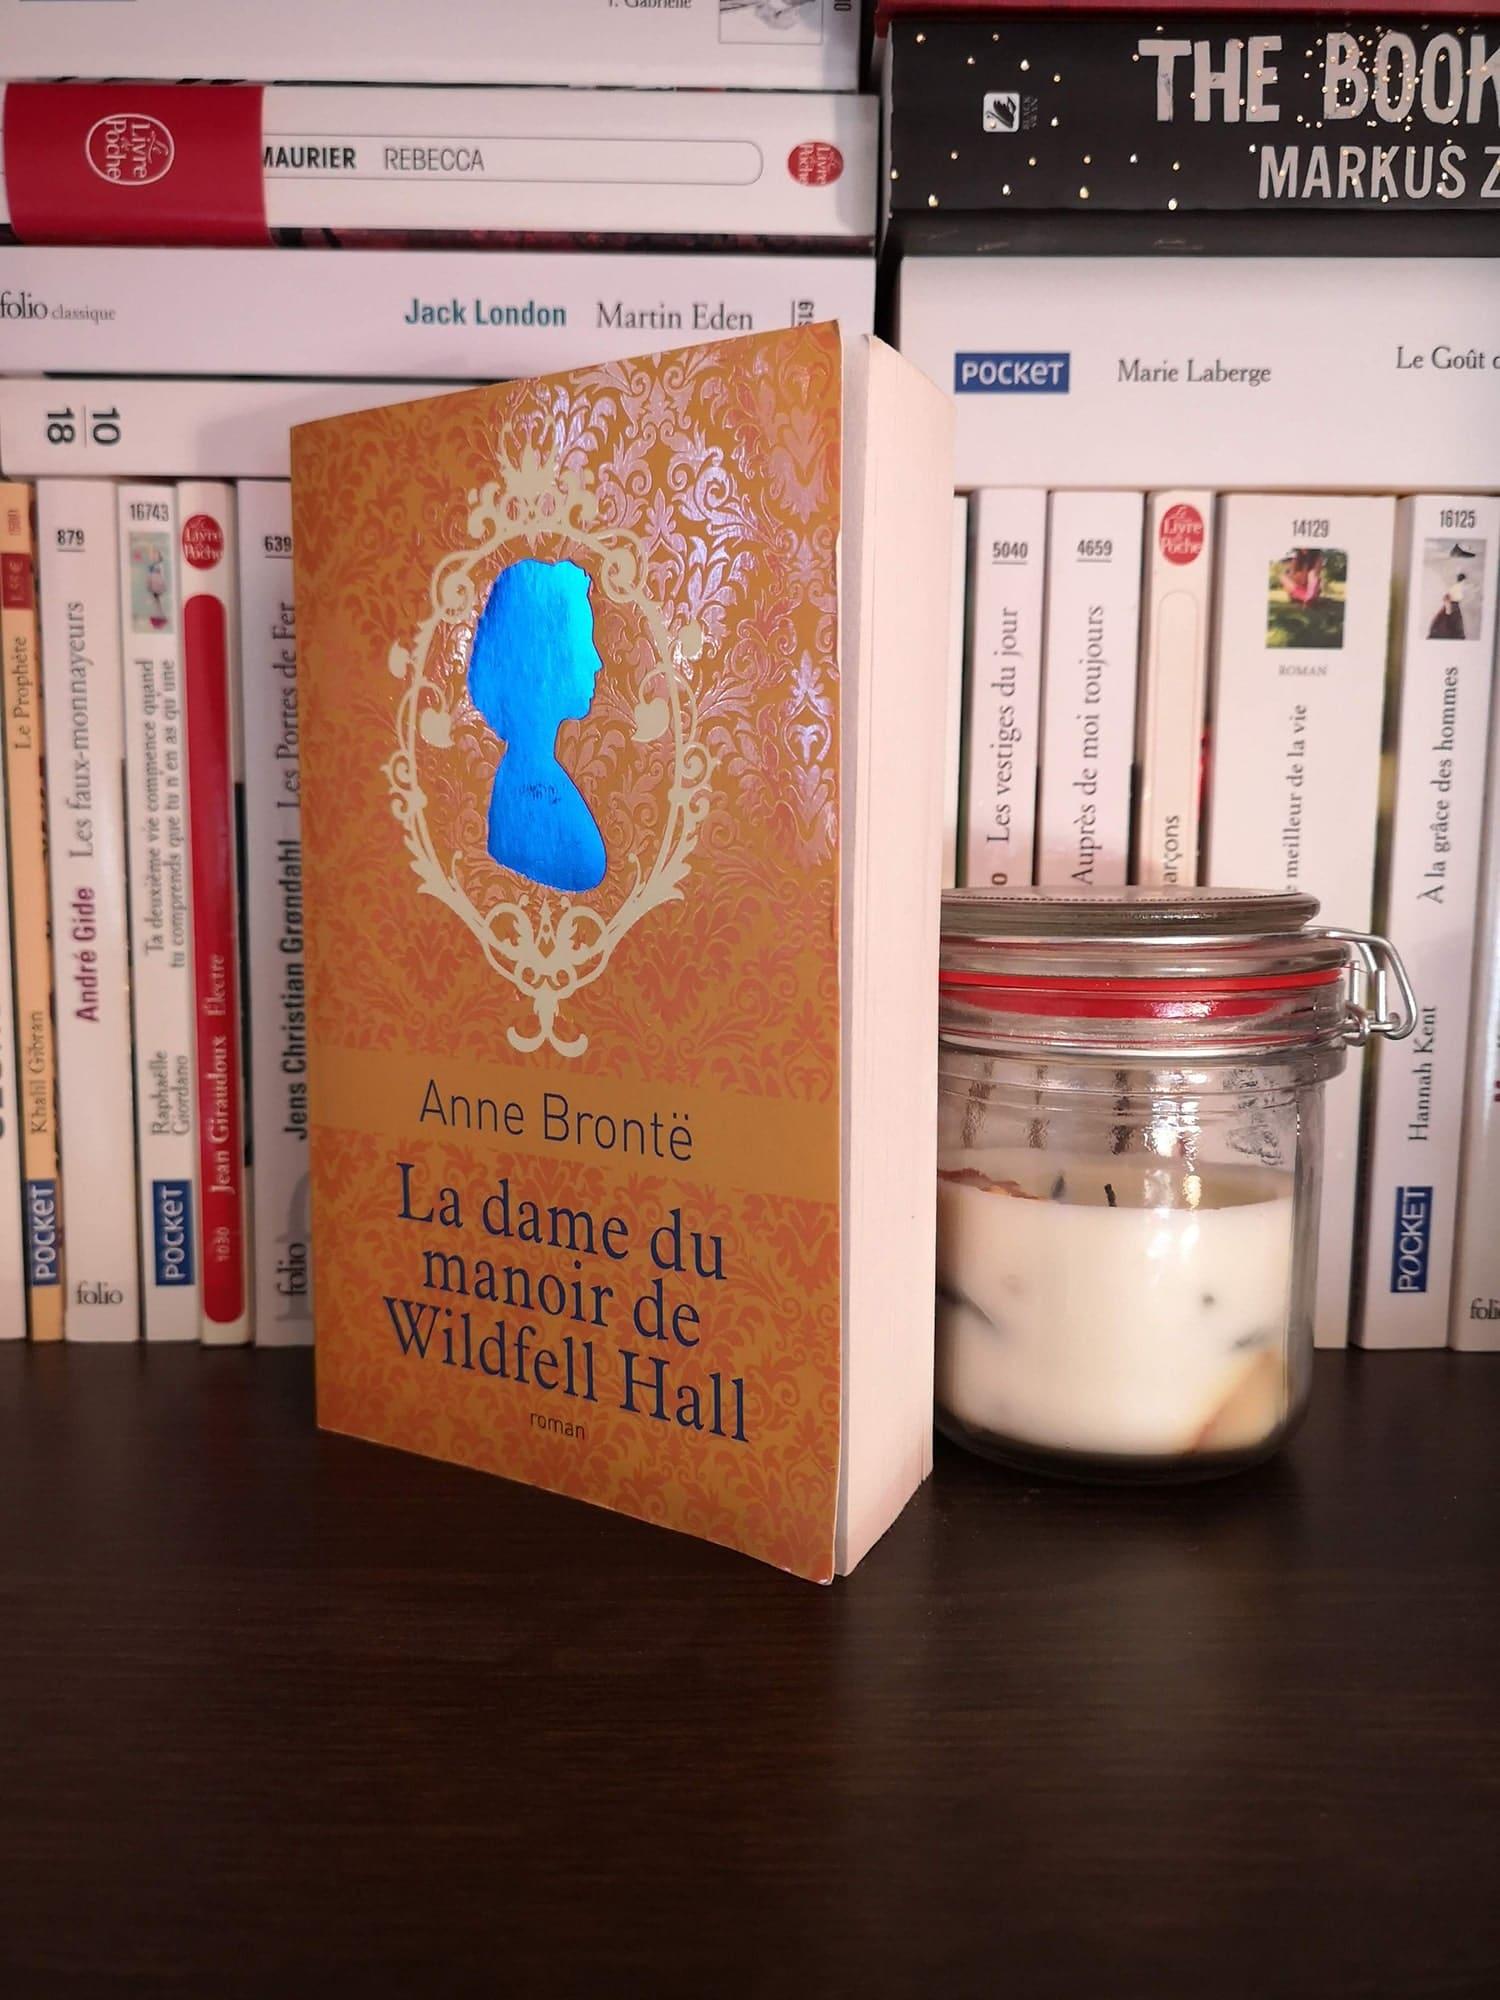 La dame du manoir de Wildfell Hall, Anne Brontë – 2018 – Archipoche, 576 p.